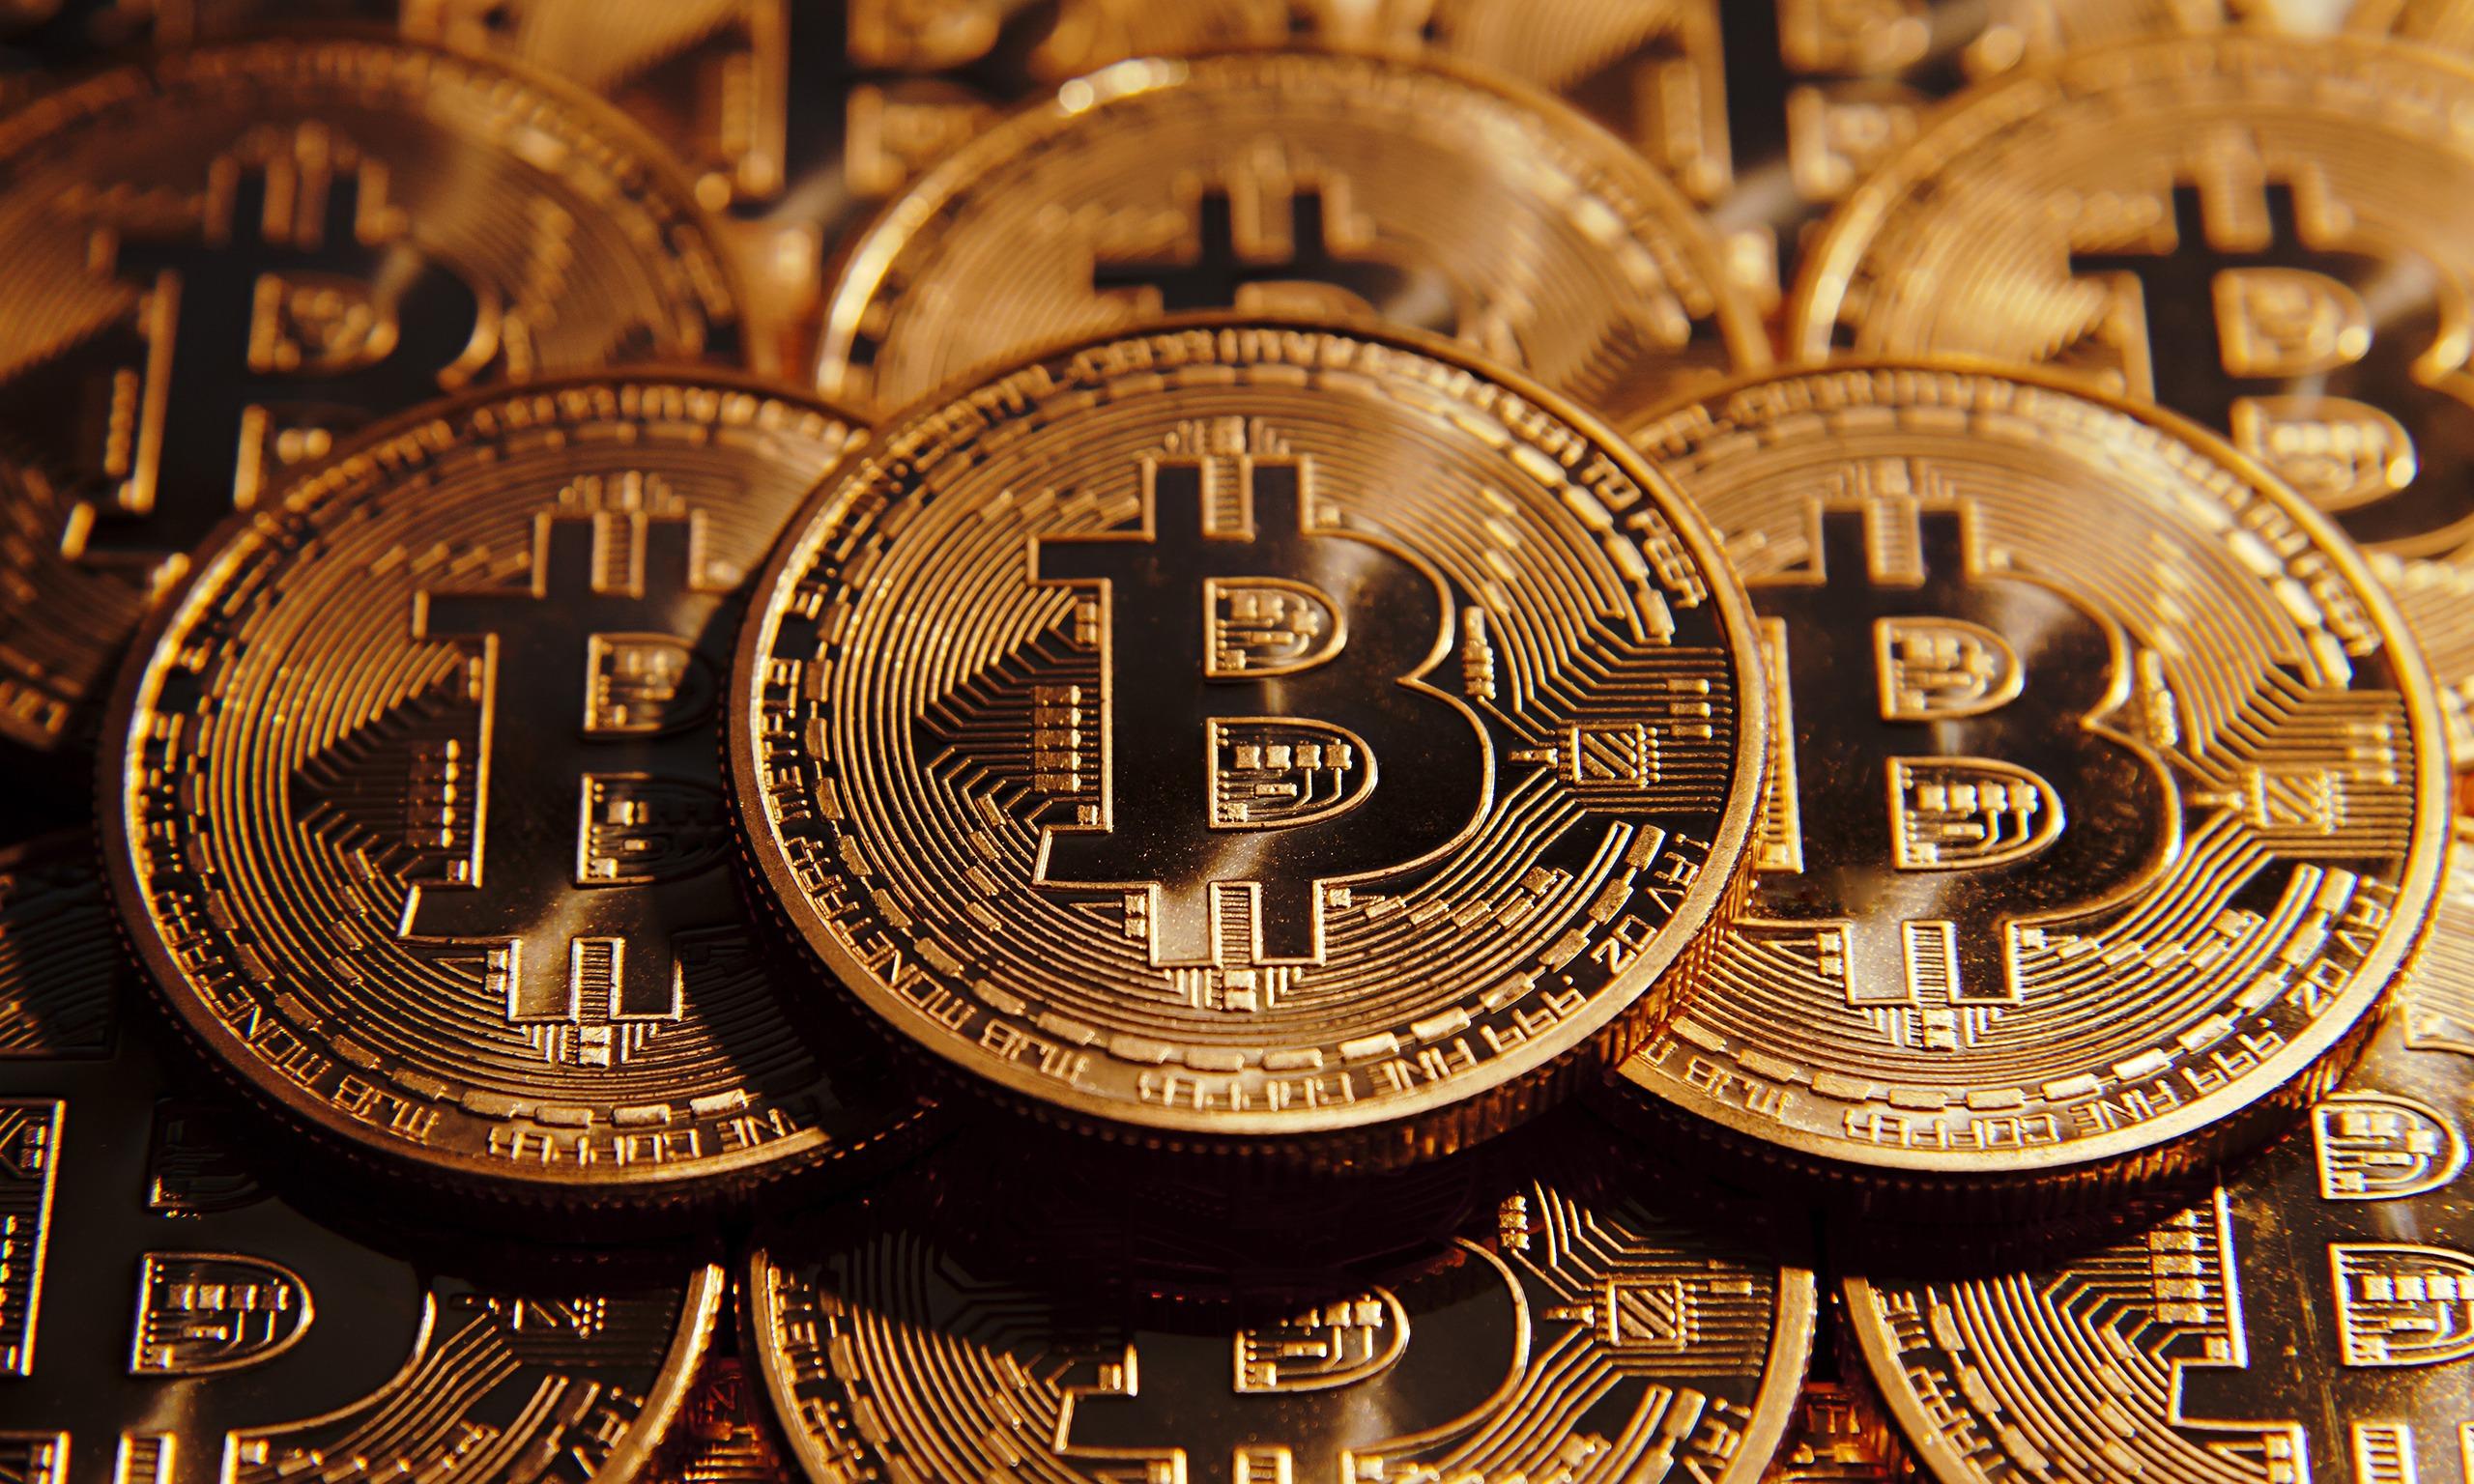 în cazul în care puteți câștiga Bitcoins rapid dau semnale de tranzacționare